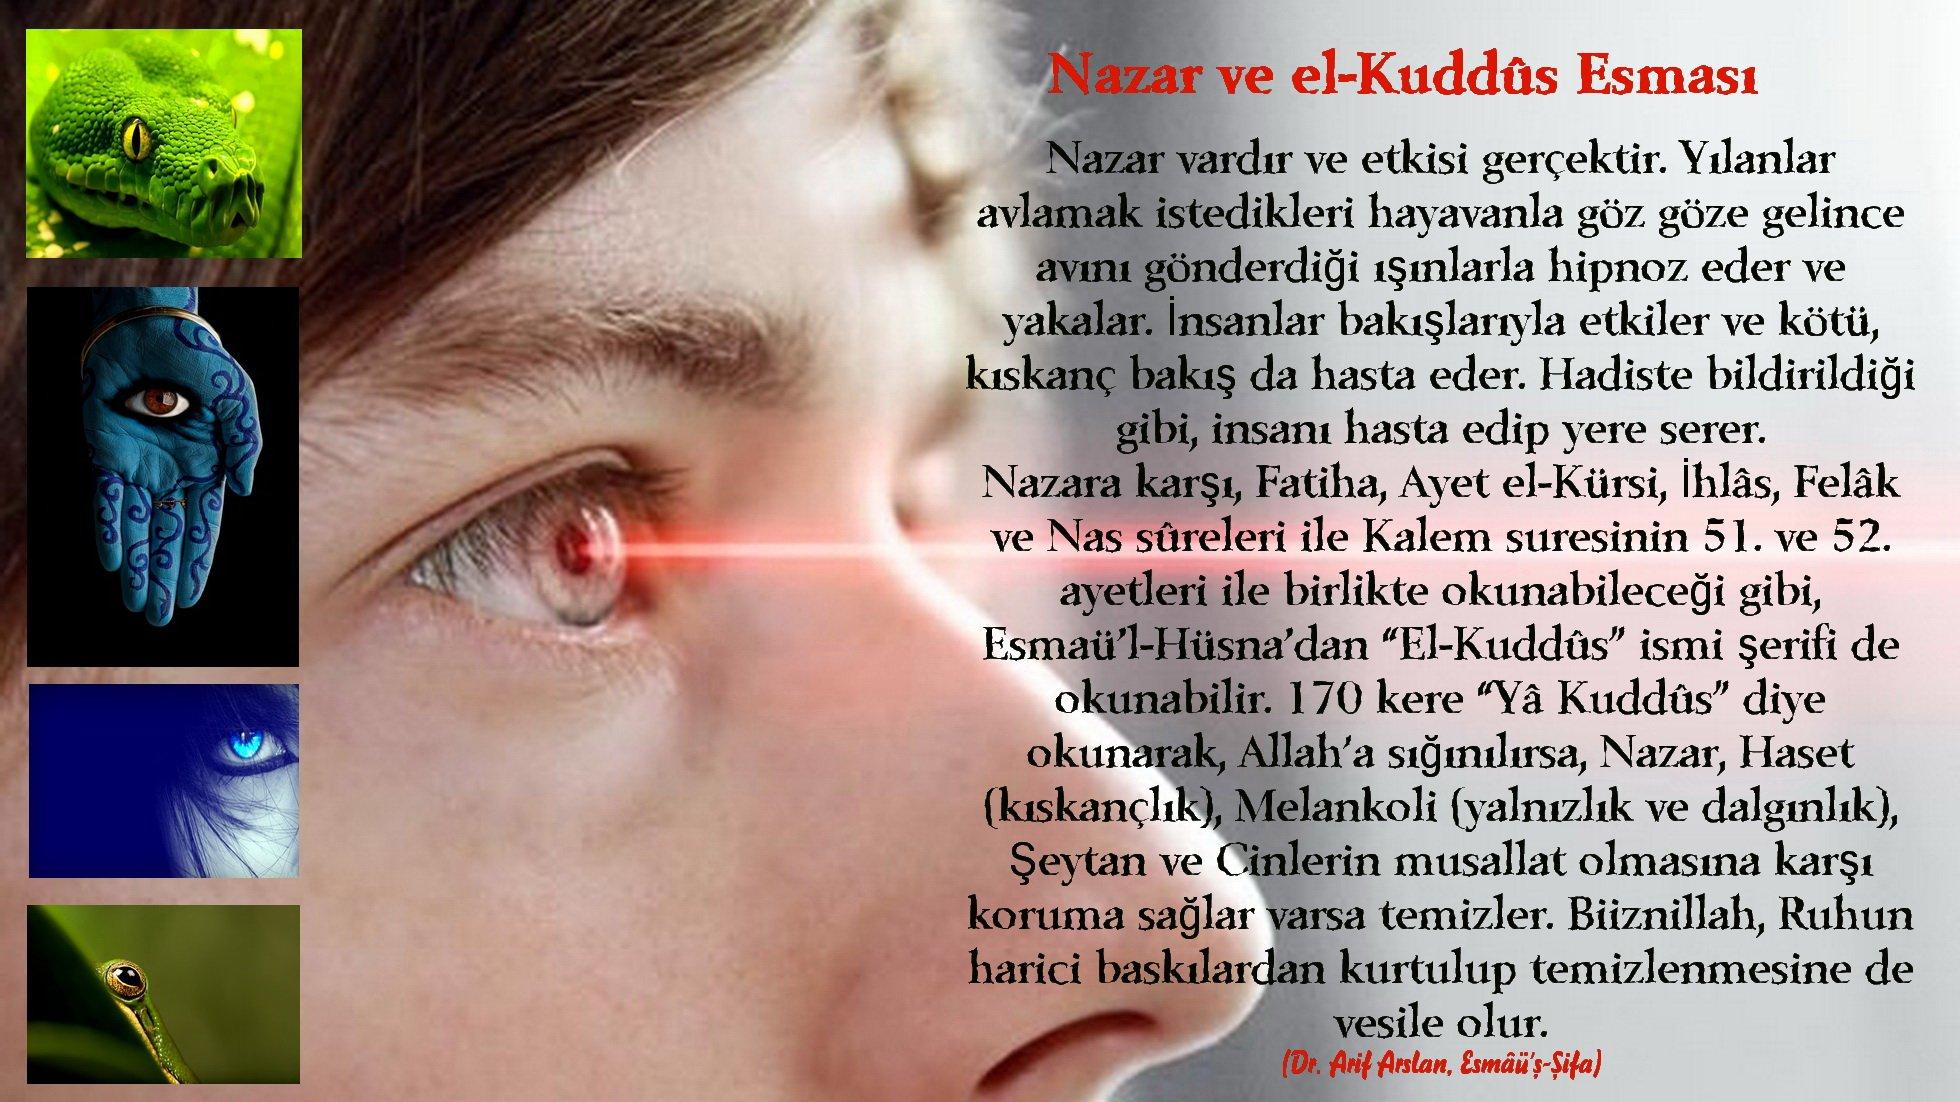 arif arslan on twitter nazara karsi